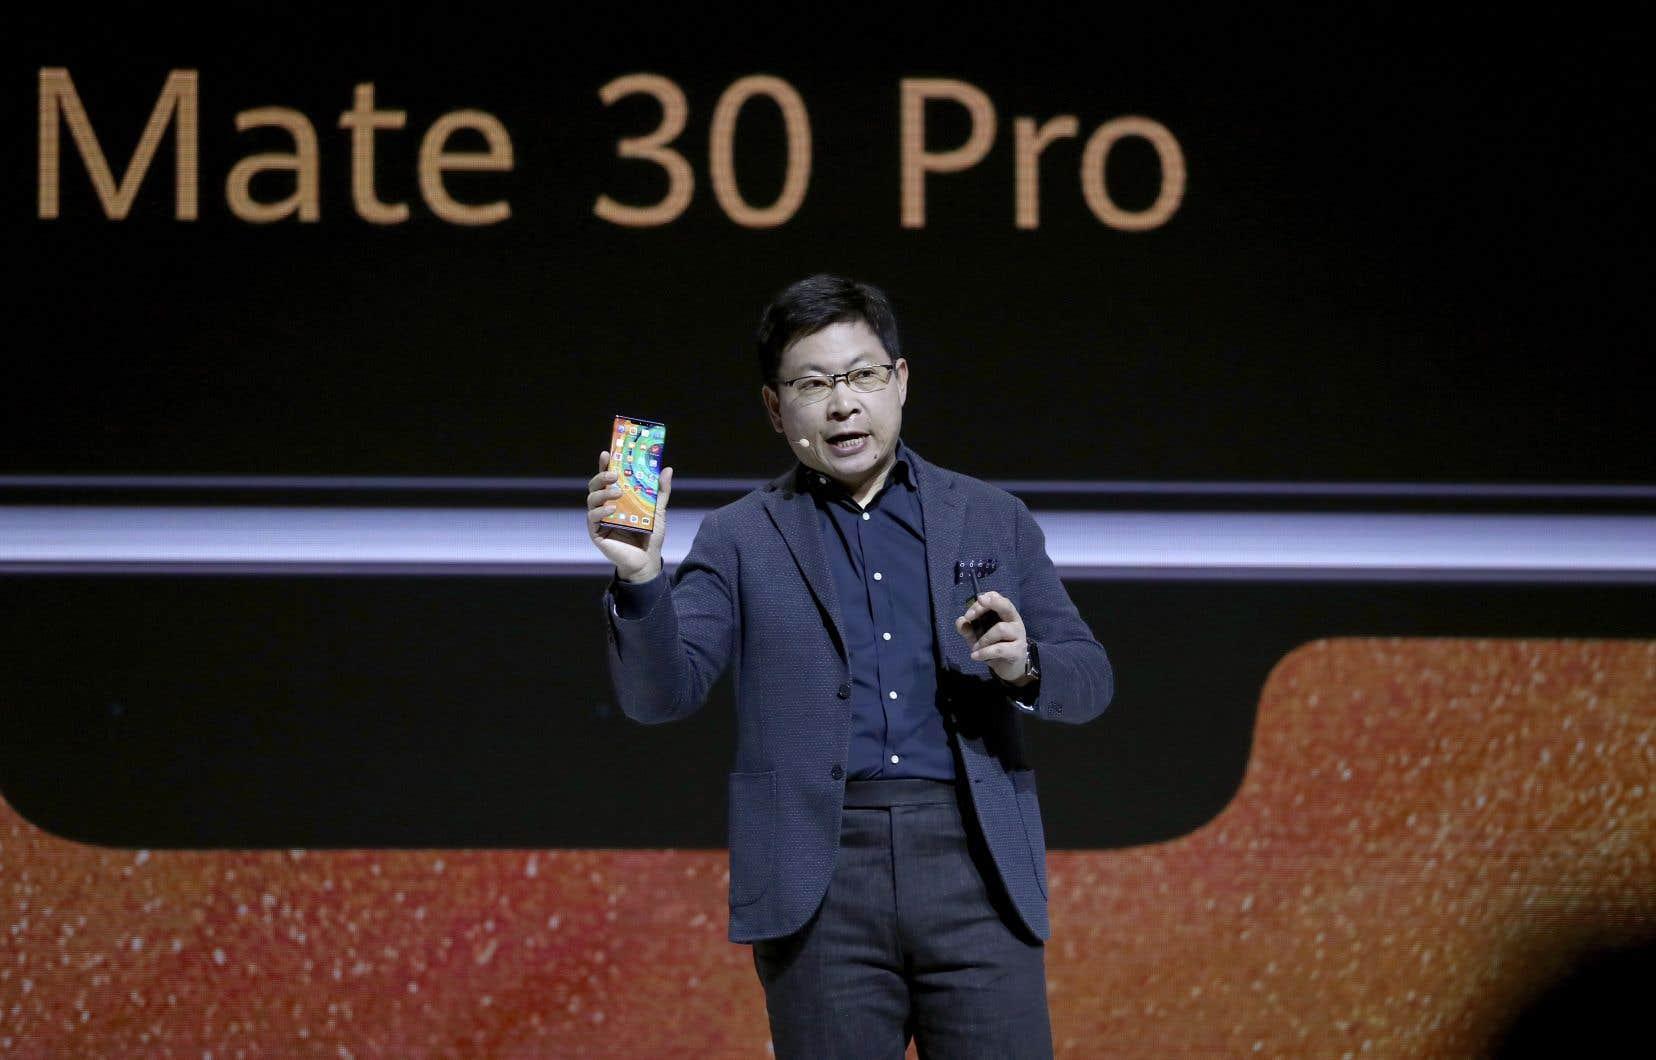 «À cause de l'interdiction américaine sur certains téléphones, GMS [Google Mobile Services, une série d'applications développées par Google]ne peut pas être pré-installée et nous proposons HMS[Huawei Mobile Service]», a annoncé le p.-d.g. de Huawei, Richard Yu.